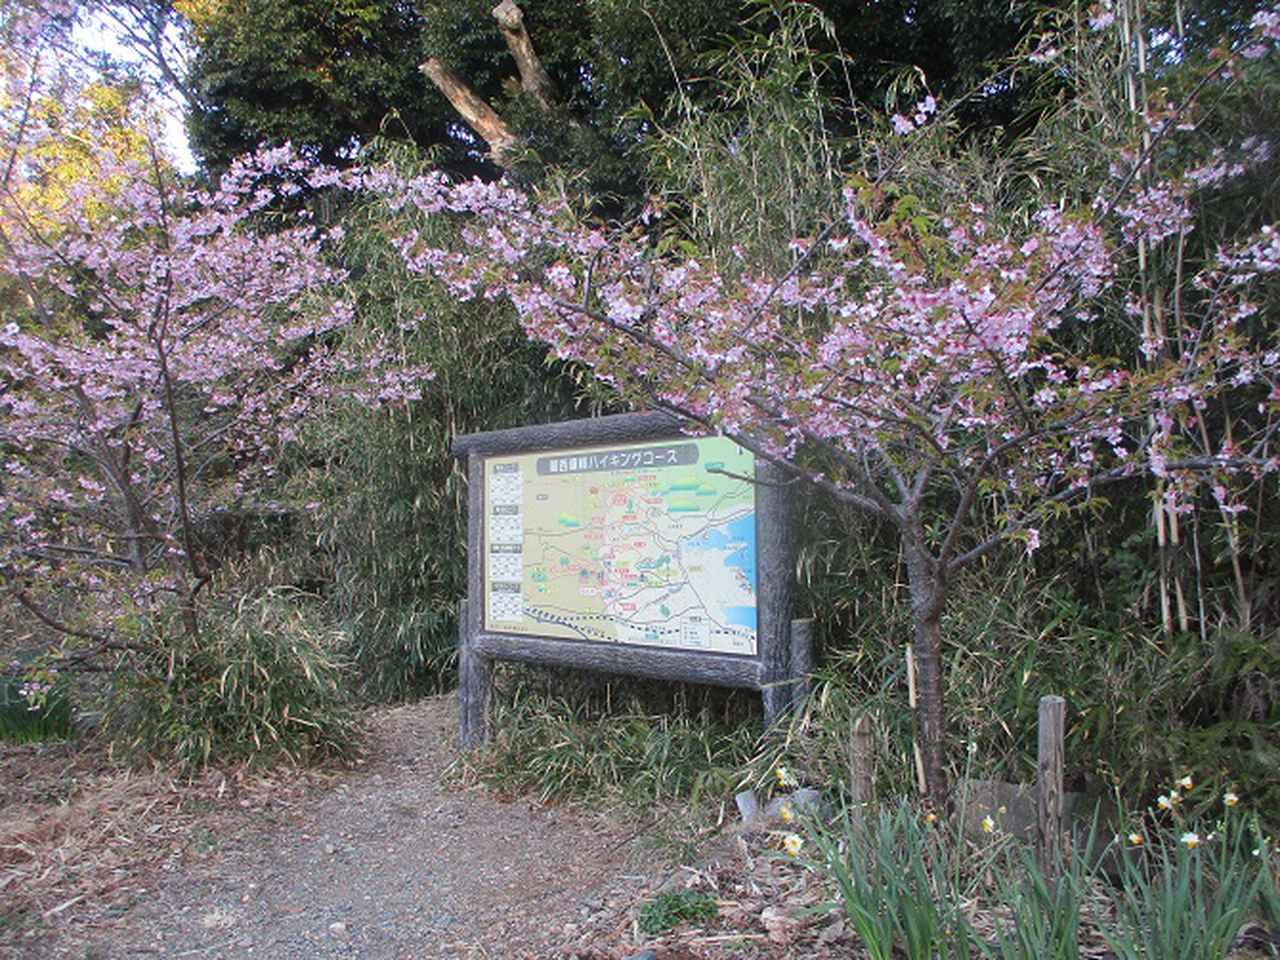 画像1: 3月の山旅会 神石山 の下見に行ってきました!